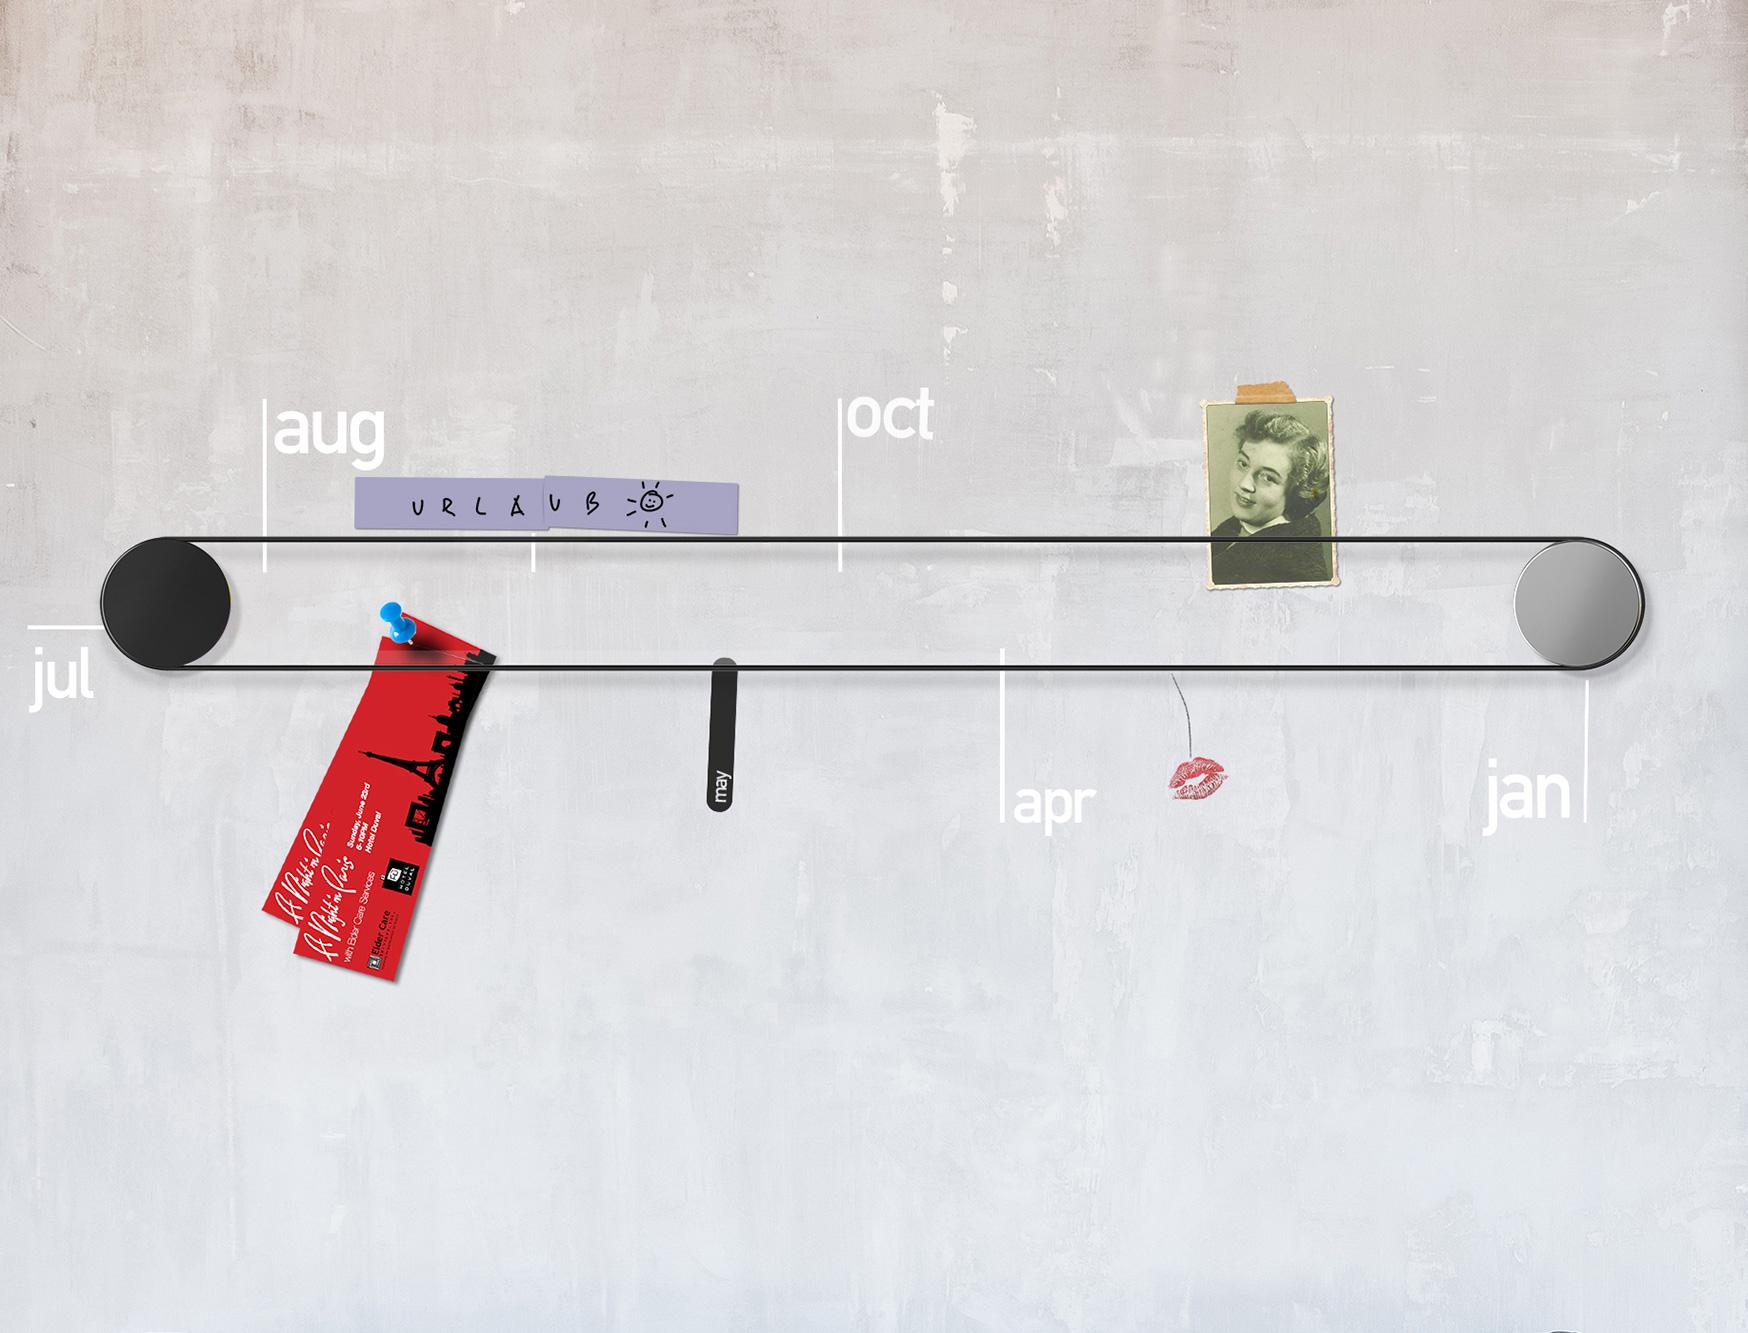 Die LIFEoCLOCK gibt Ihnen als Kalender die Möglichkeit, Ihre persönlichen  Highlights im Jahr zu markieren.